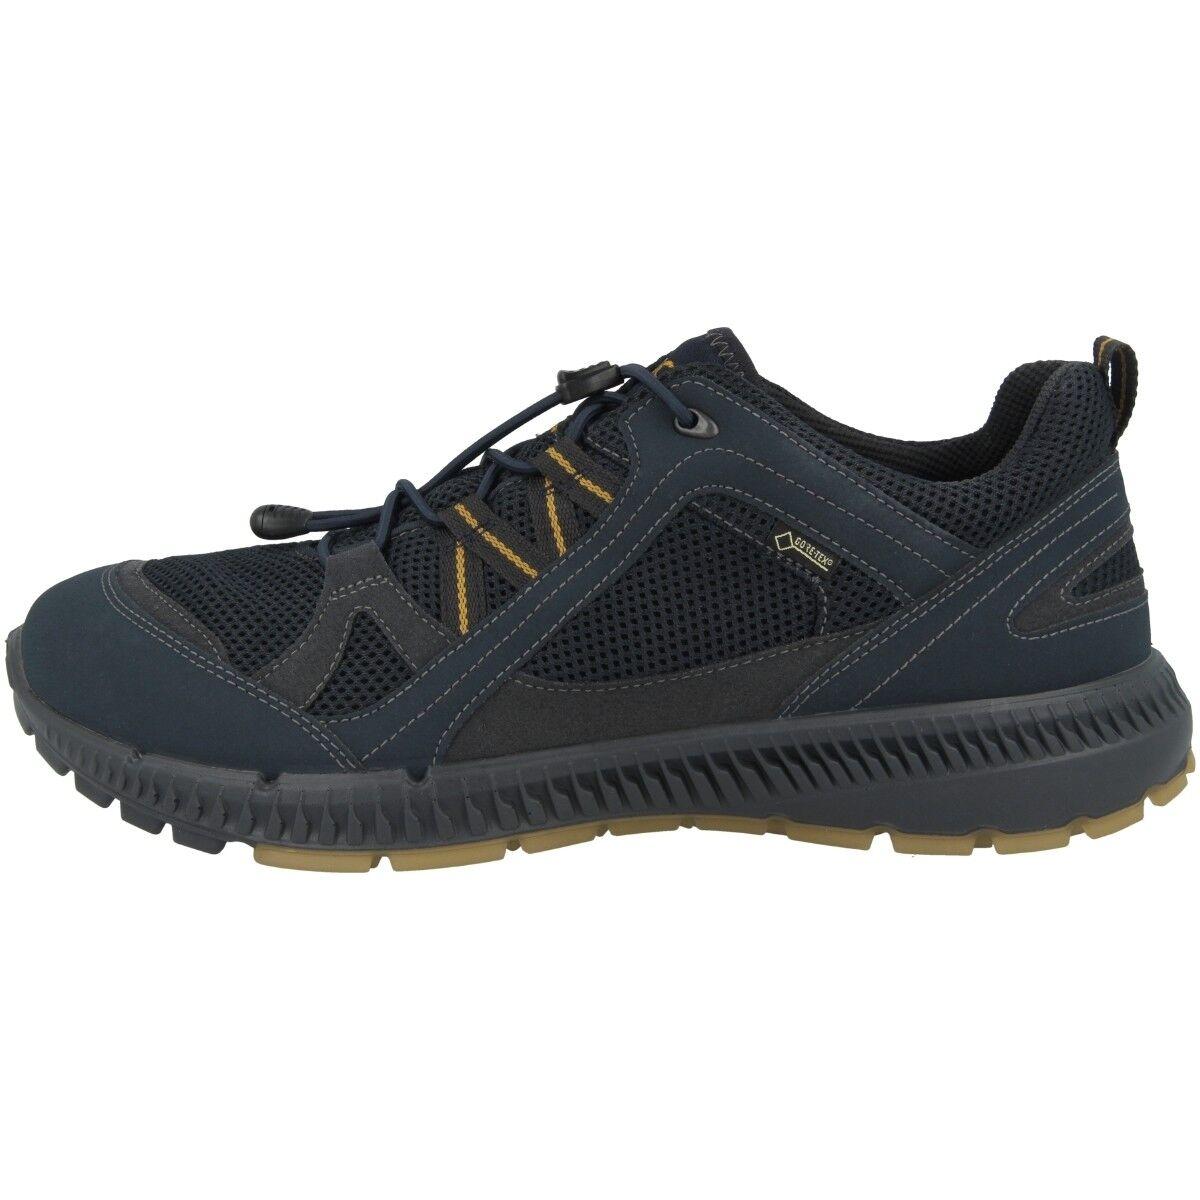 Ecco terracruise II Pitkin GTX  Men trekking caballero zapatillas de exterior 843034-51127  aquí tiene la última